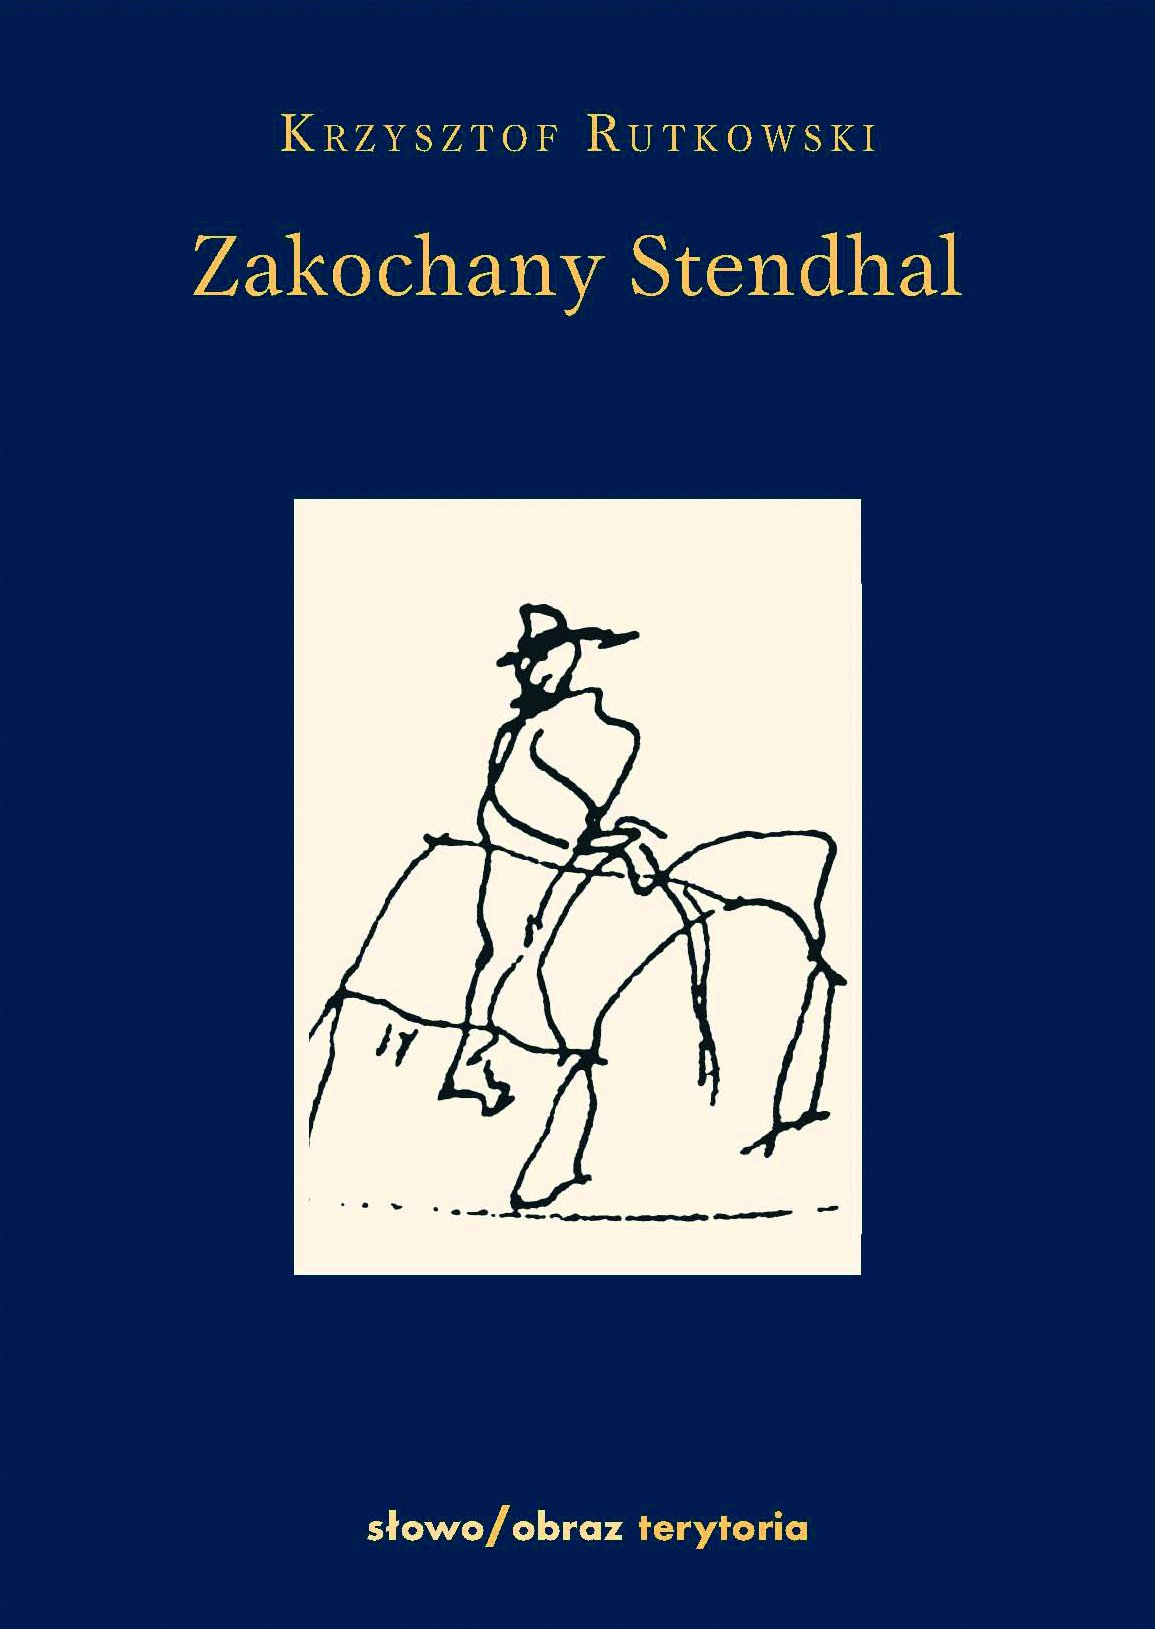 Zakochany Stendhal. Dziennik wyprawy po imię - Ebook (Książka EPUB) do pobrania w formacie EPUB